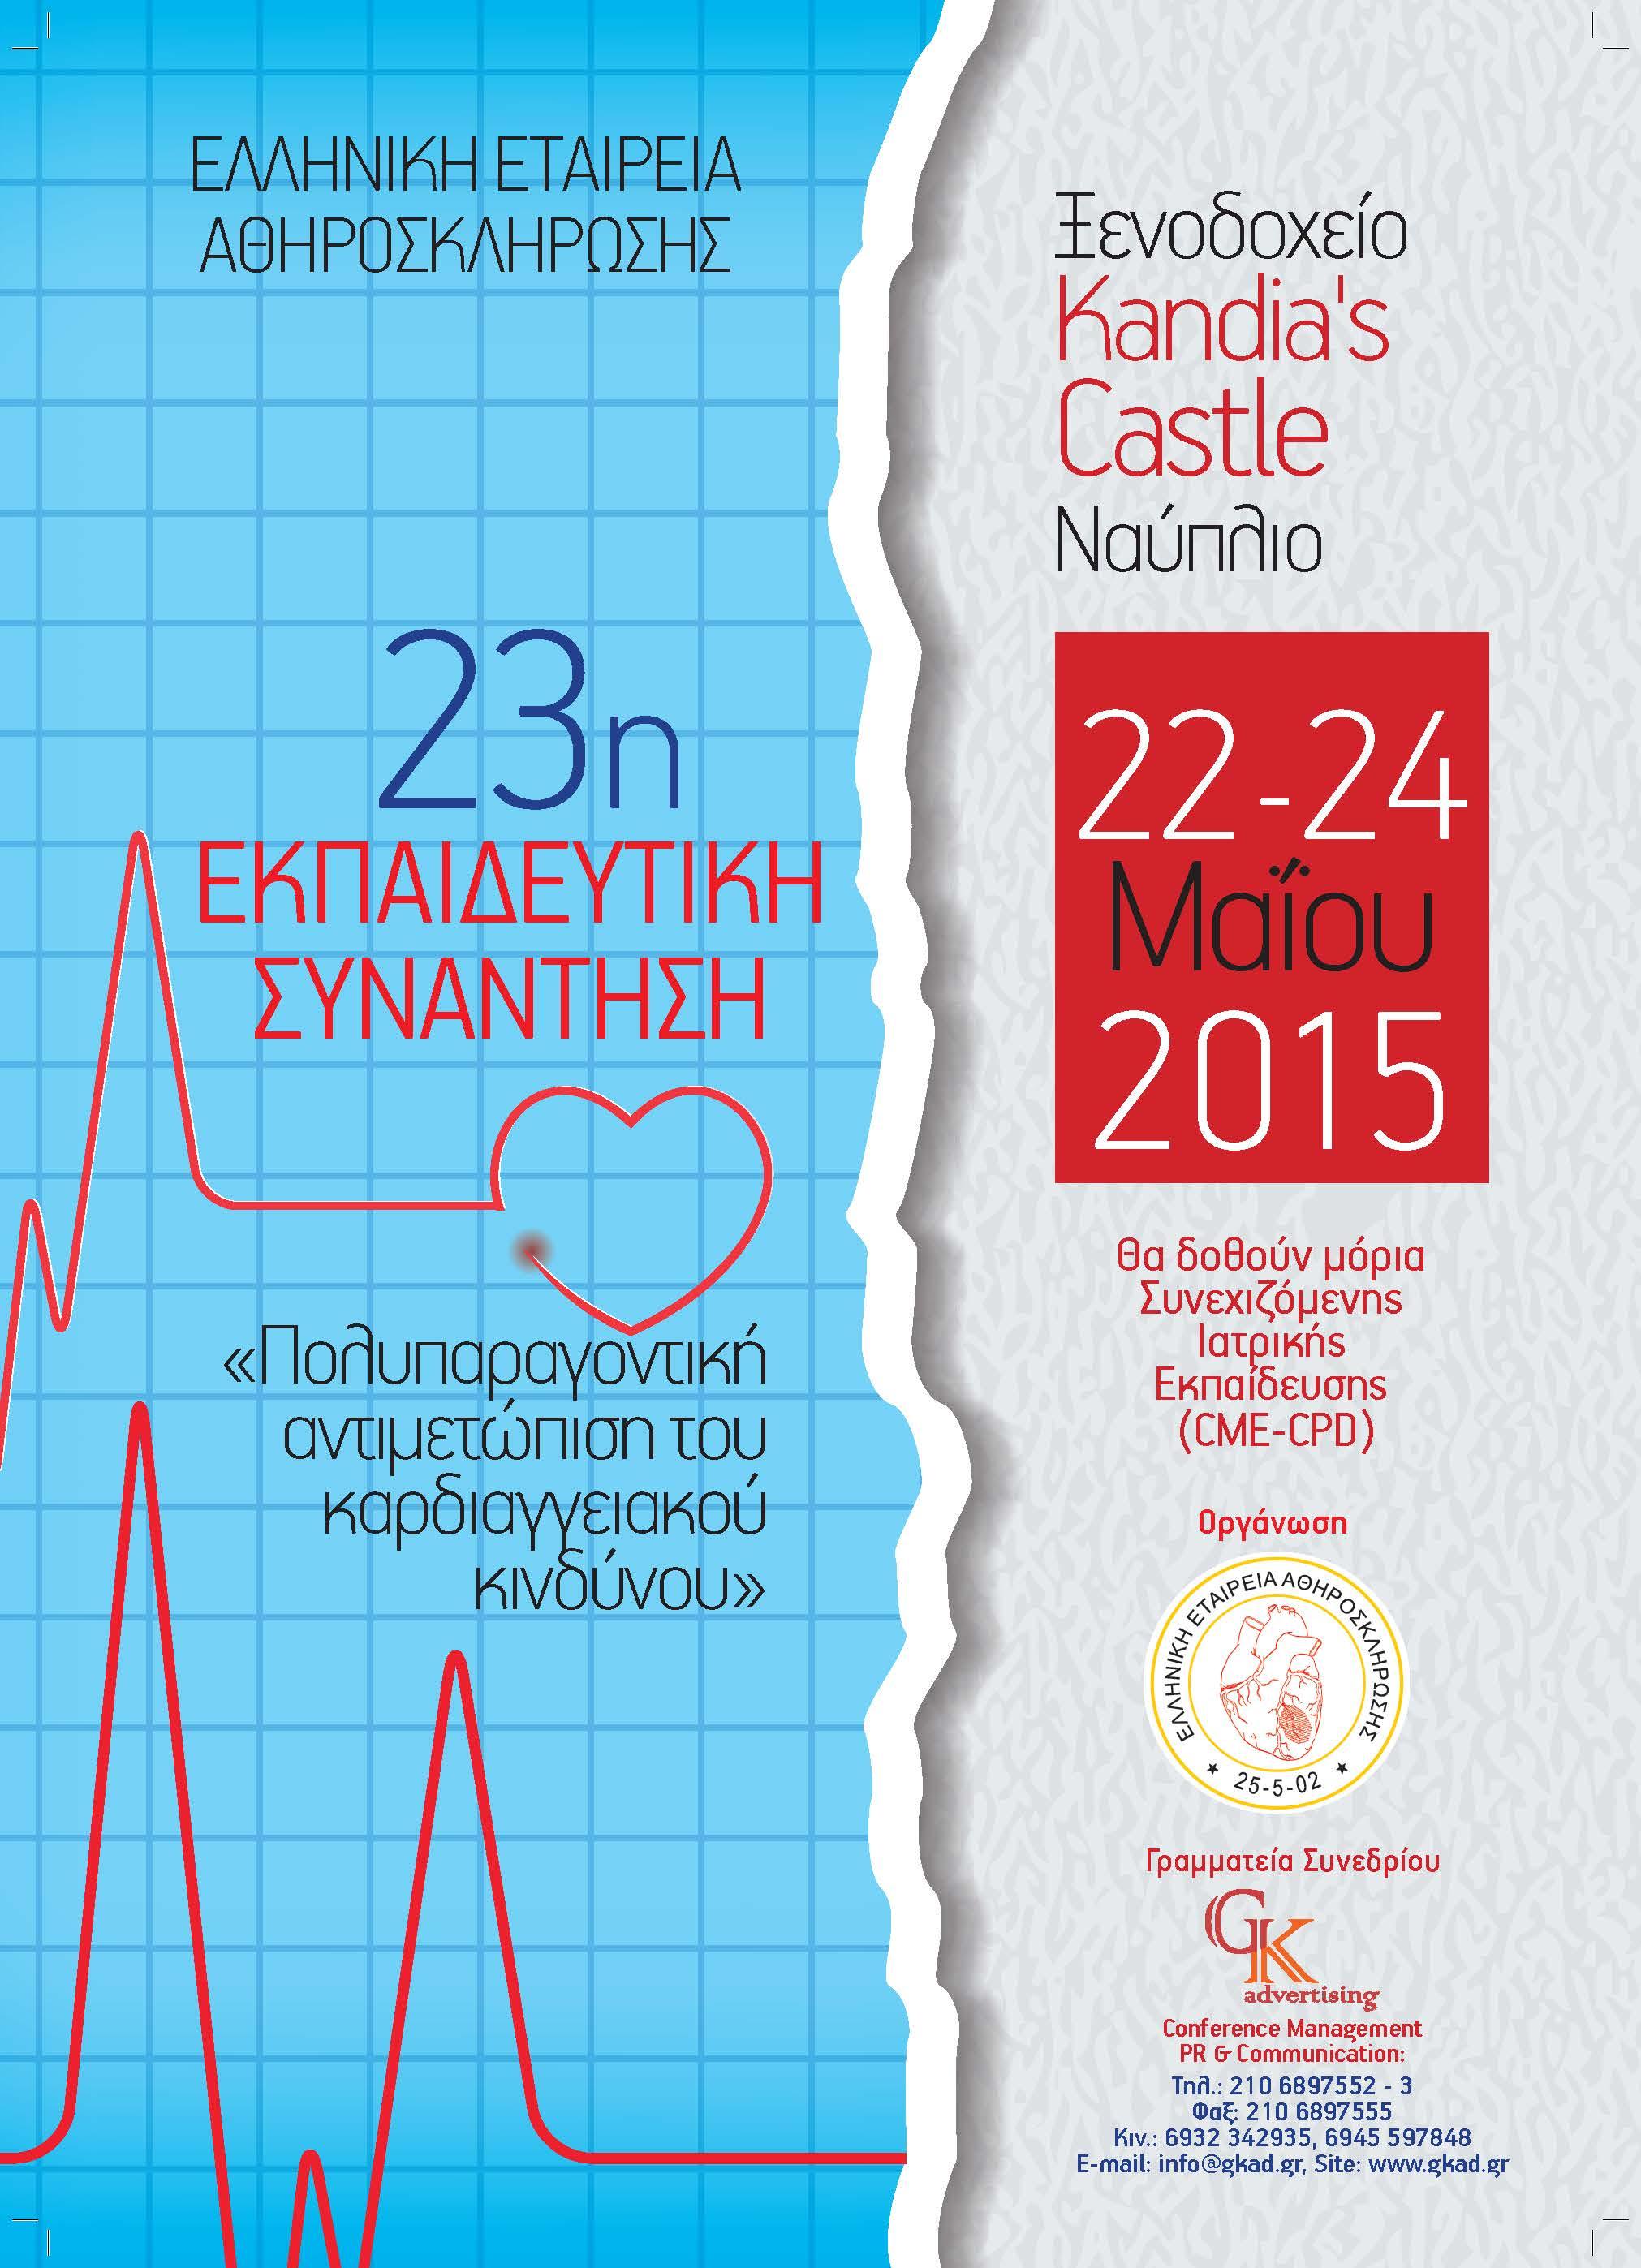 23η Εκπαιδευτική Συνάντηση EEA «Πολυπαραγοντική αντιμετώπιση του καρδιαγγειακού κινδύνου»